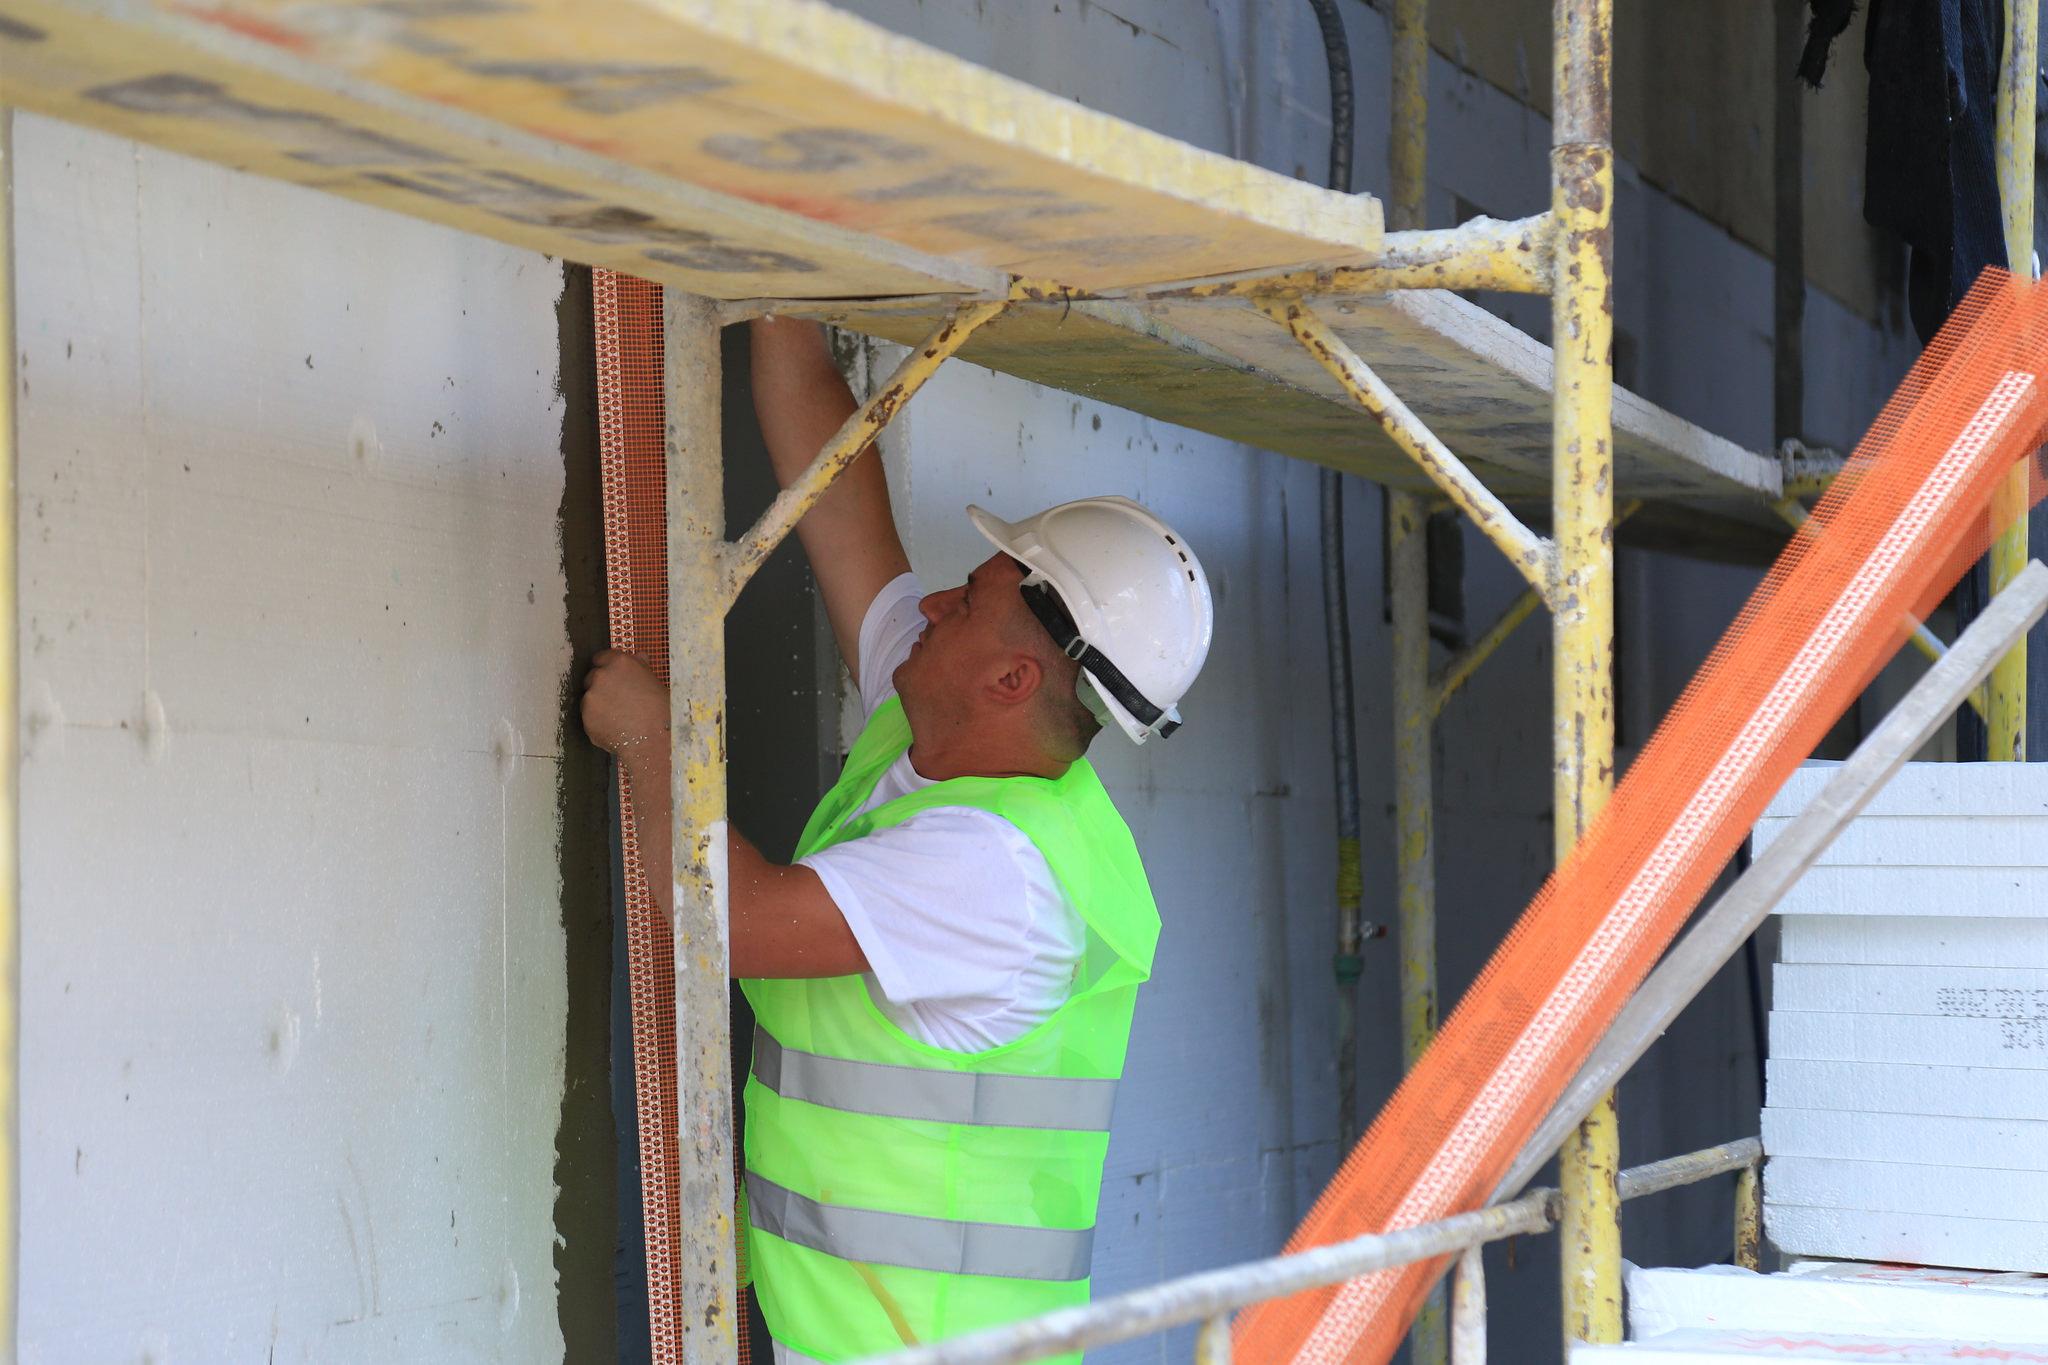 Veliaj gjate inspektimit te pallateve qe kane perfituar nga Fondi i Komunitetit 4